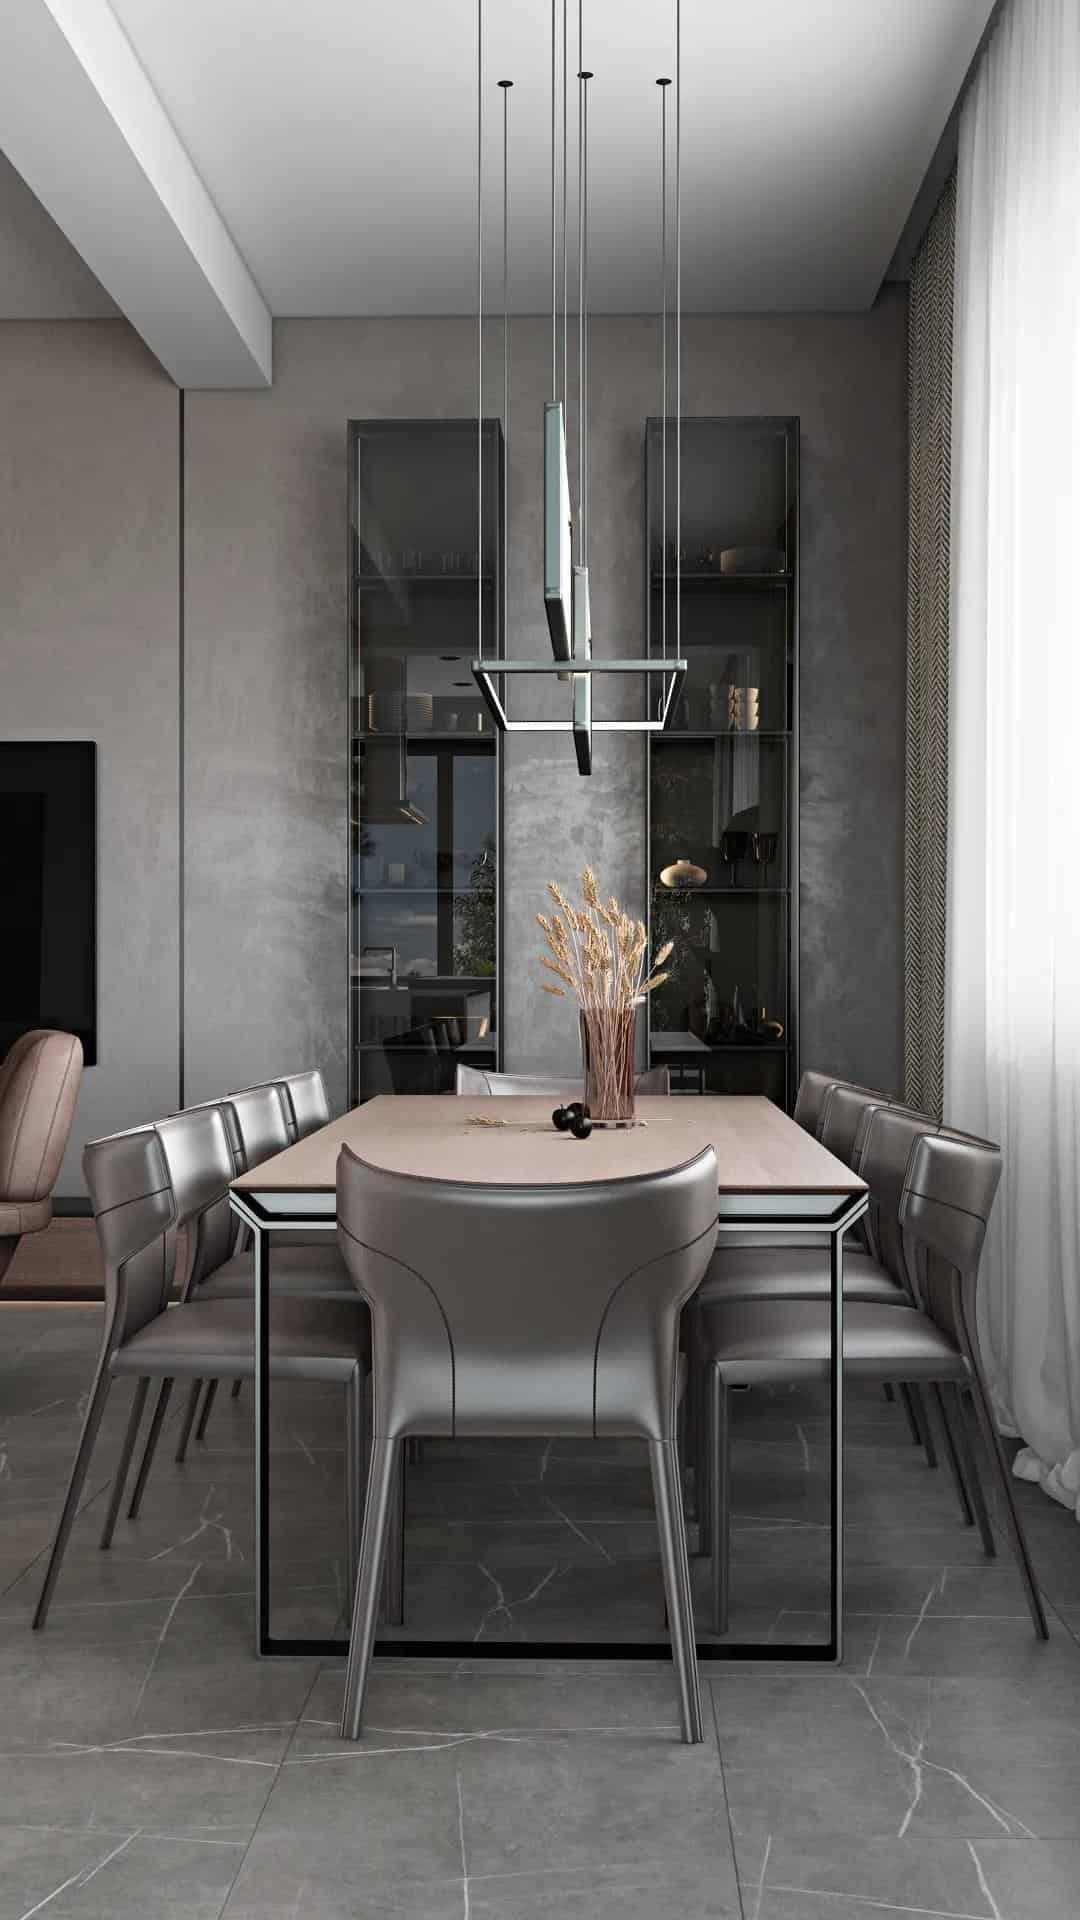 感受柔和色調帶來的寧靜美感室內設計!